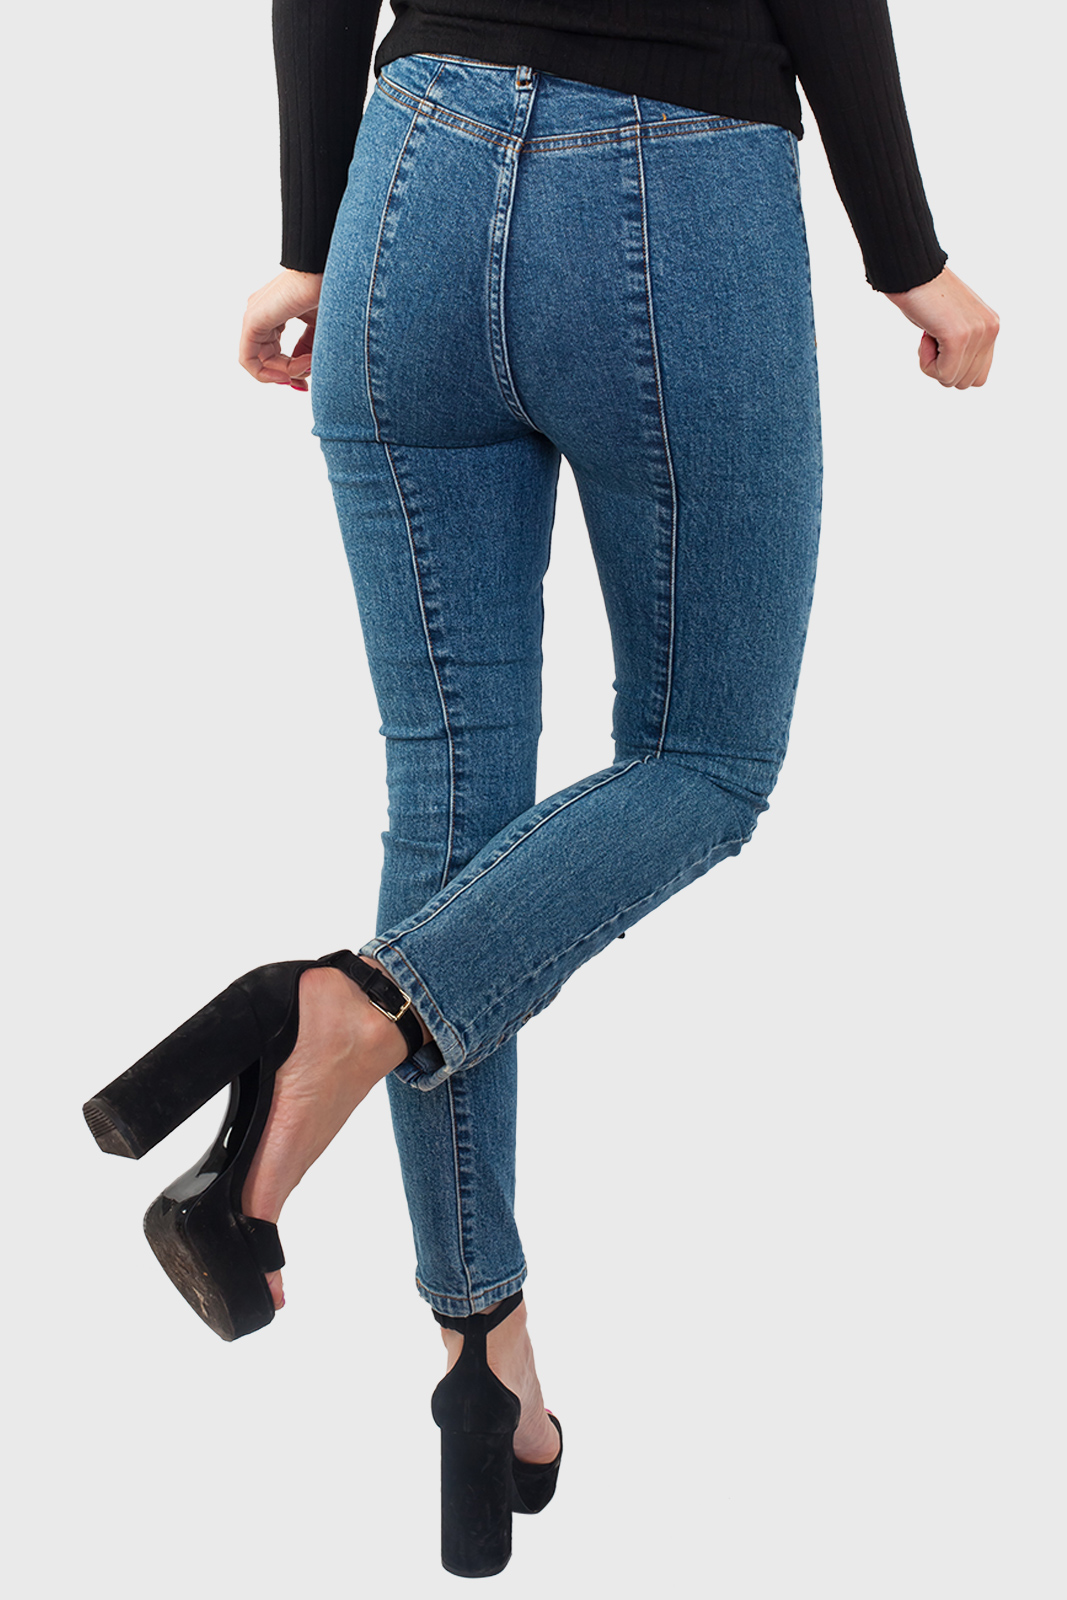 Женские джинсы со шнуровкой от Los Angeles Atelier с удобной доставкой